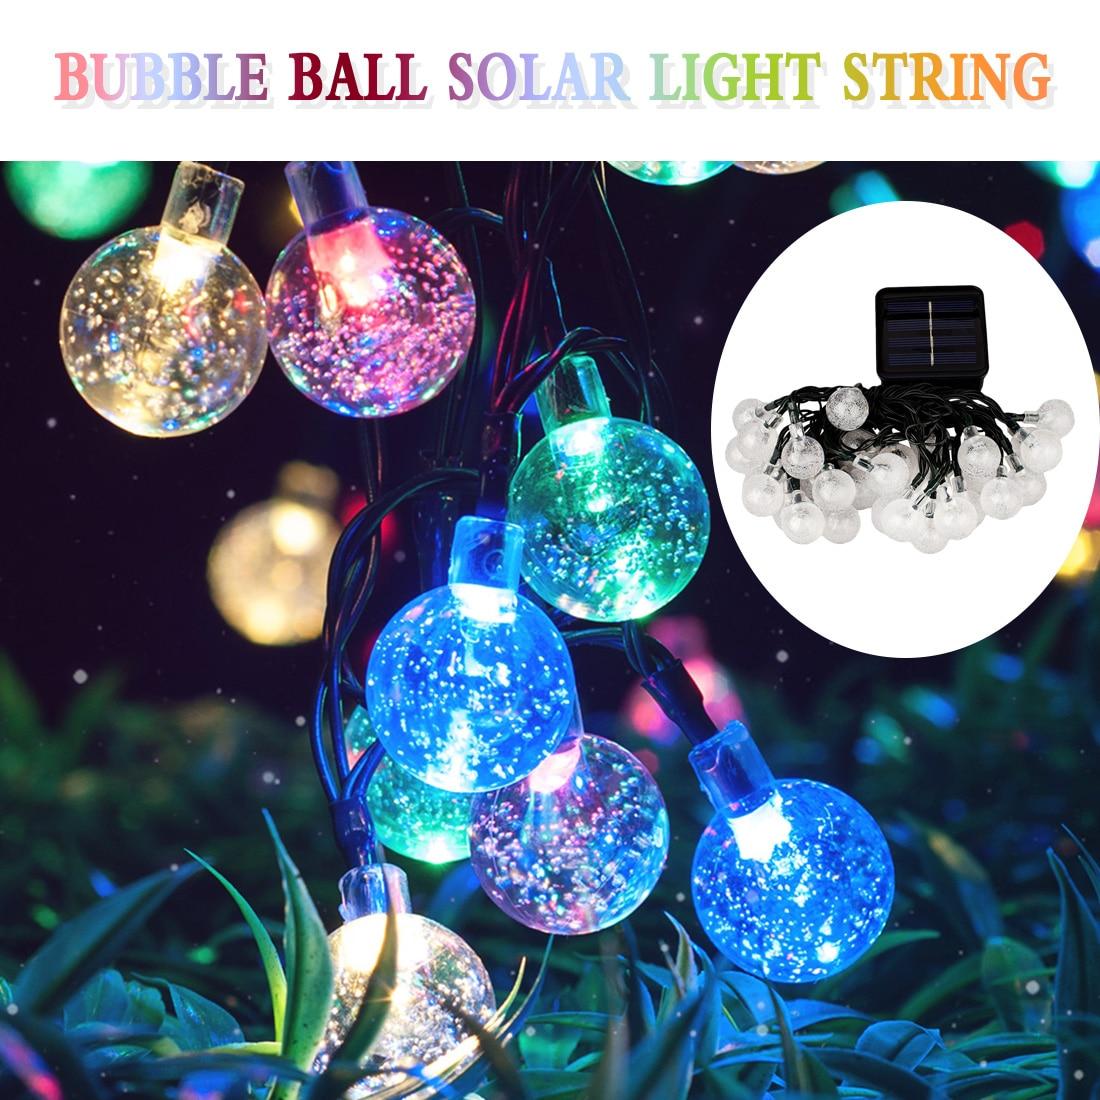 20/30/50LED S boule de cristal lampe solaire puissance LED chaîne fée Flash lumière solaire guirlandes jardin noël extérieur décor étanche